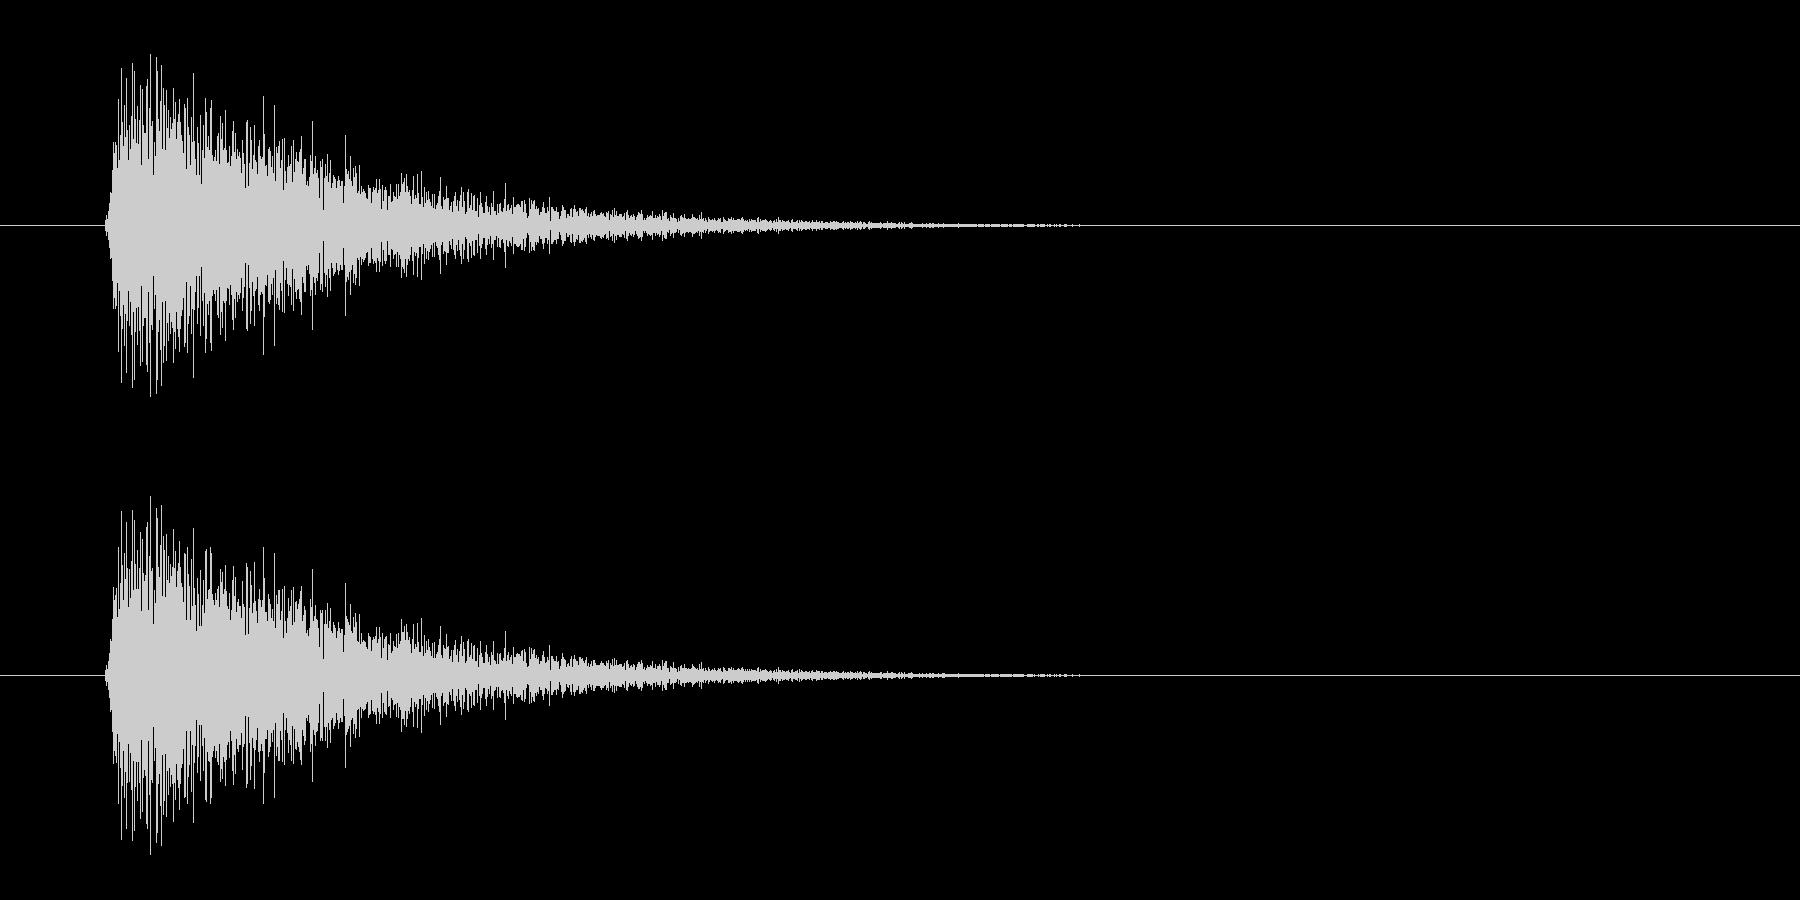 レーザー音-06-3の未再生の波形